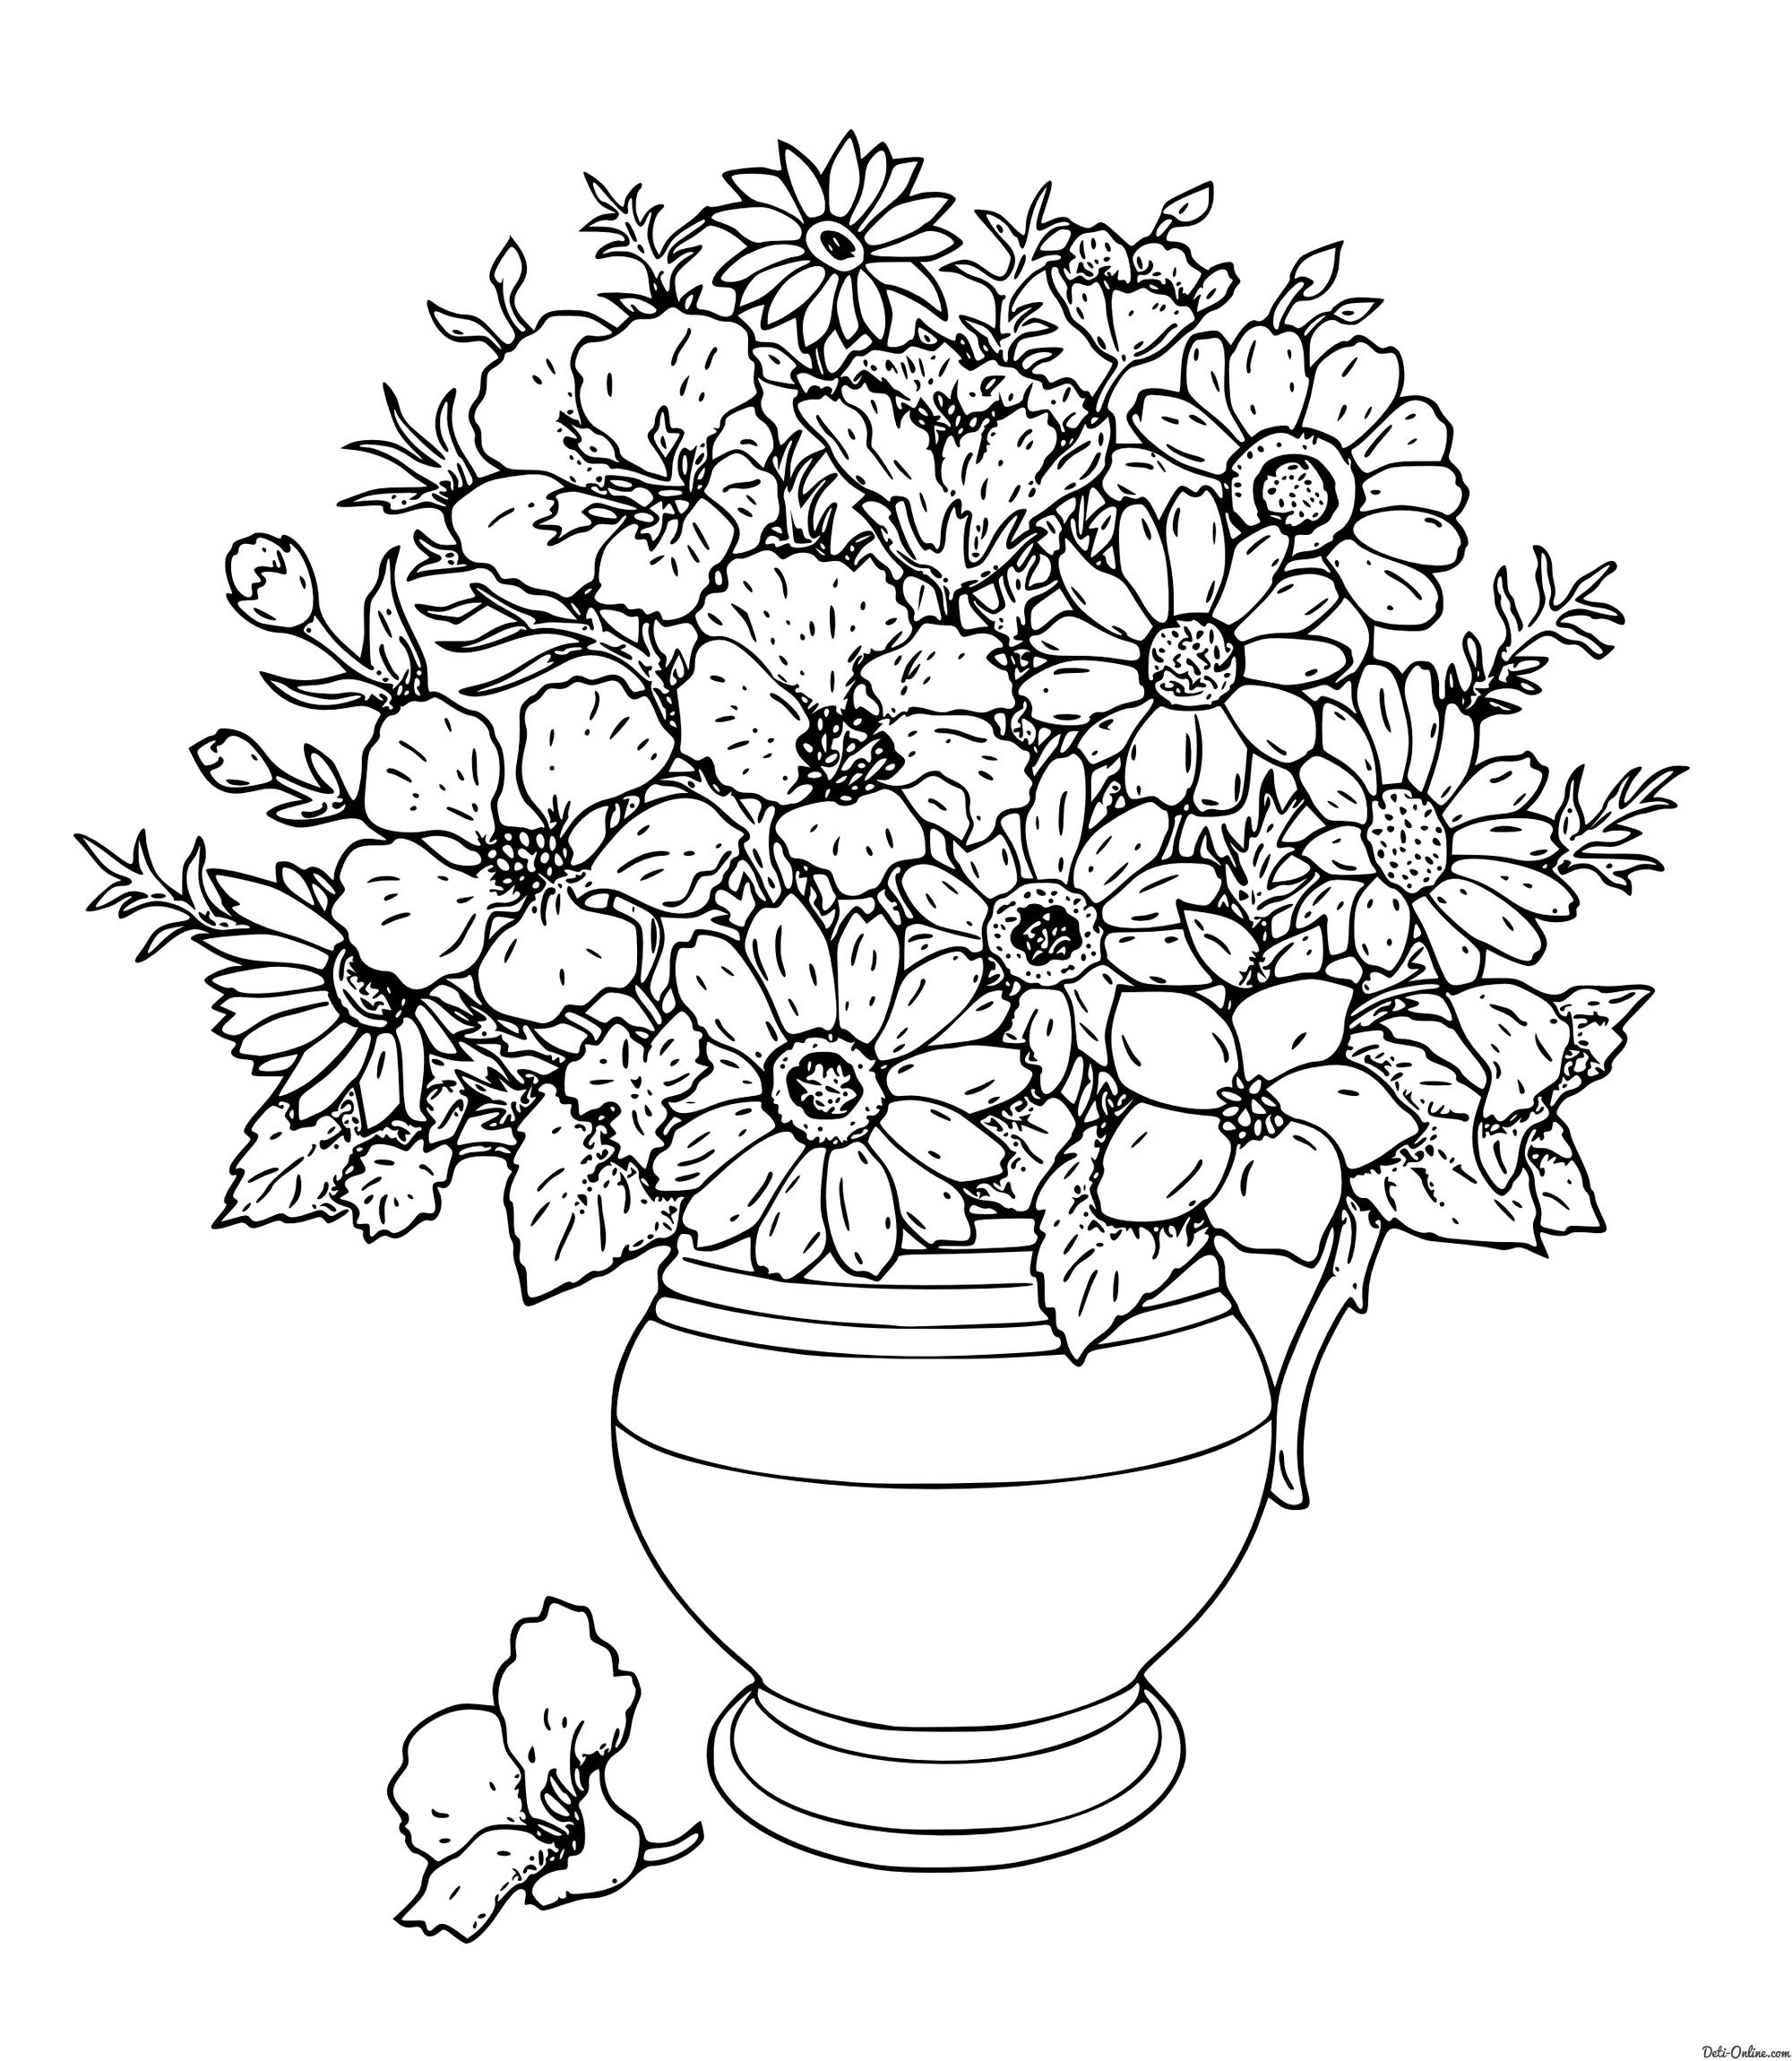 Цветы Раскраски антистресс в хорошем качестве